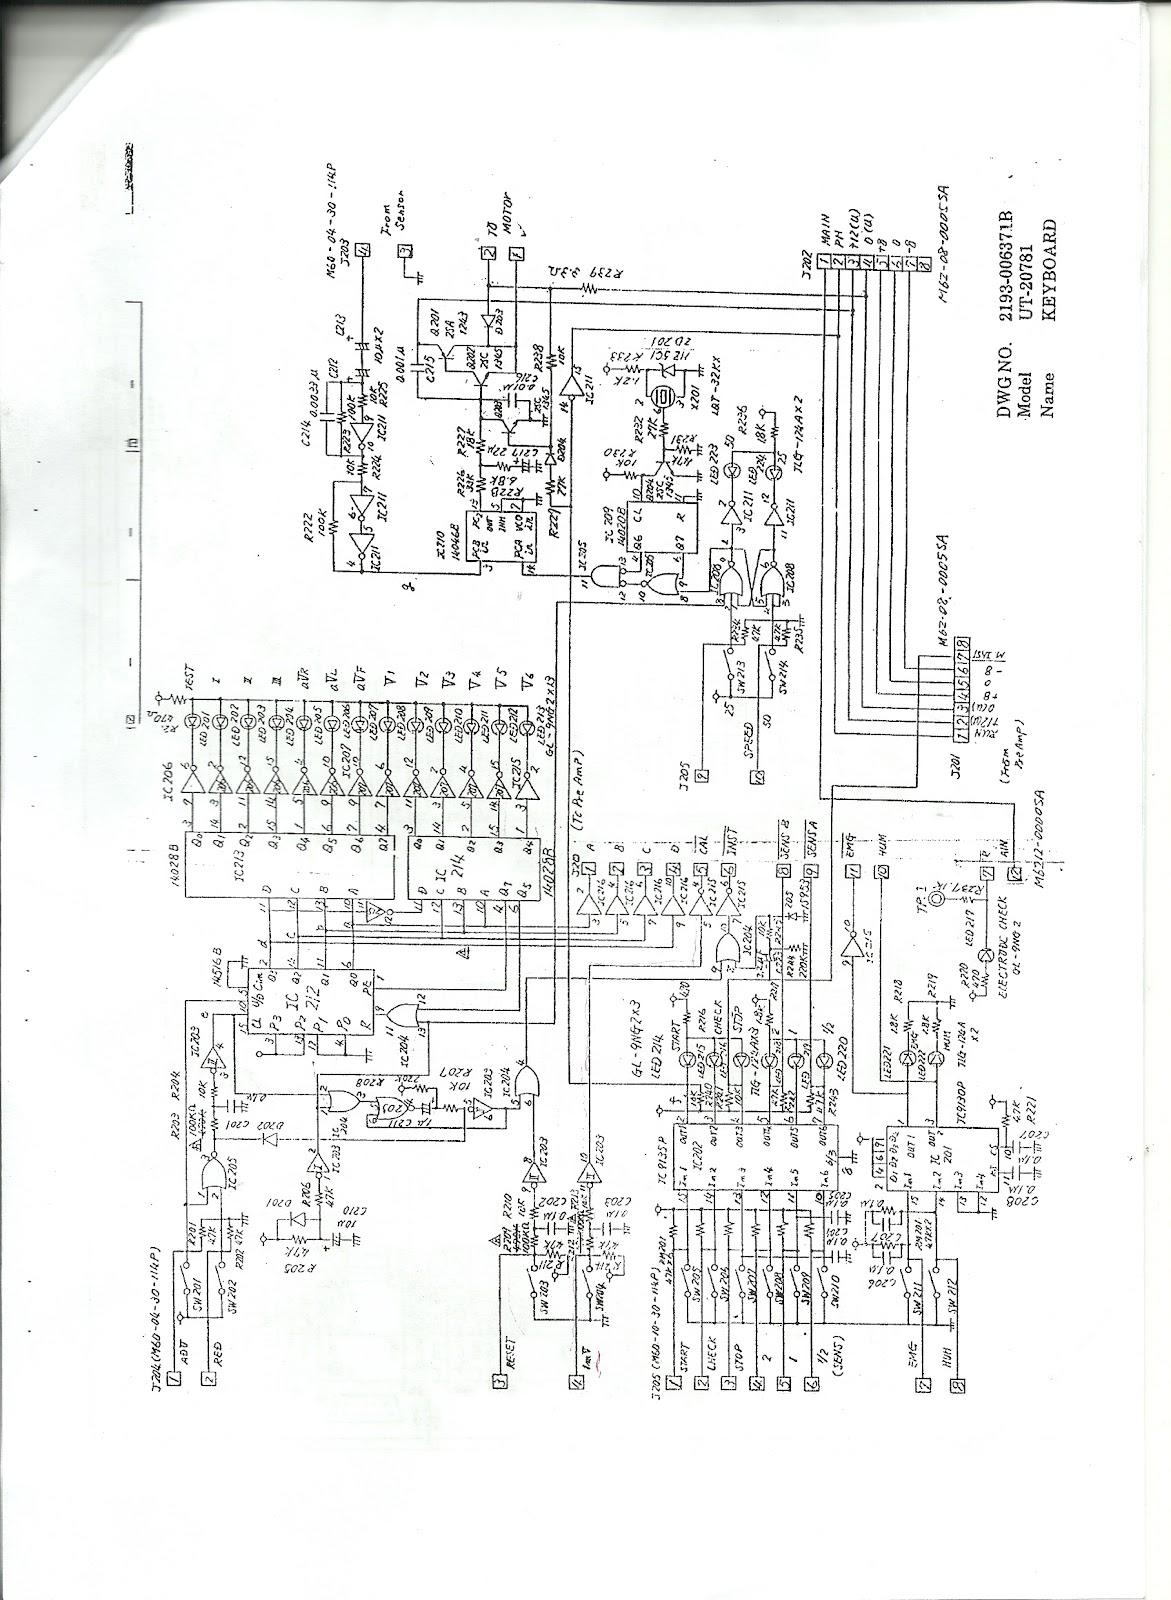 Live Is Flow Wiring Diagram Ecg Ekg